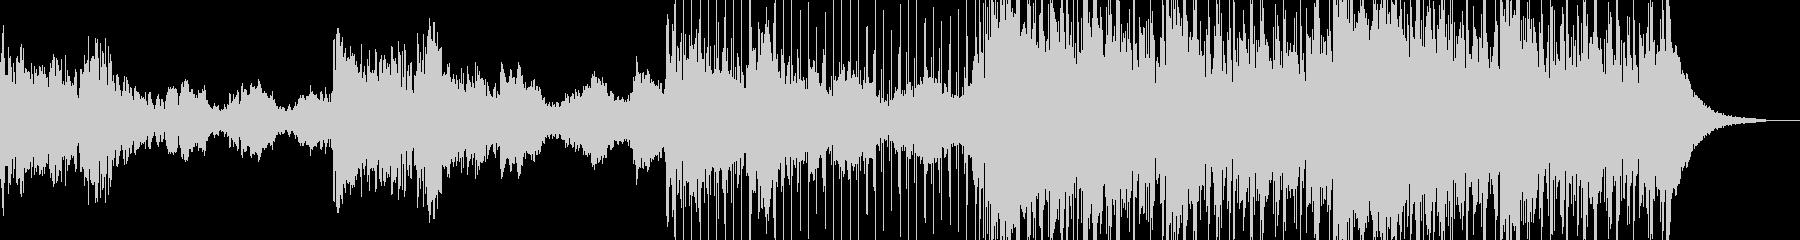 氷山をイメージした曲の未再生の波形